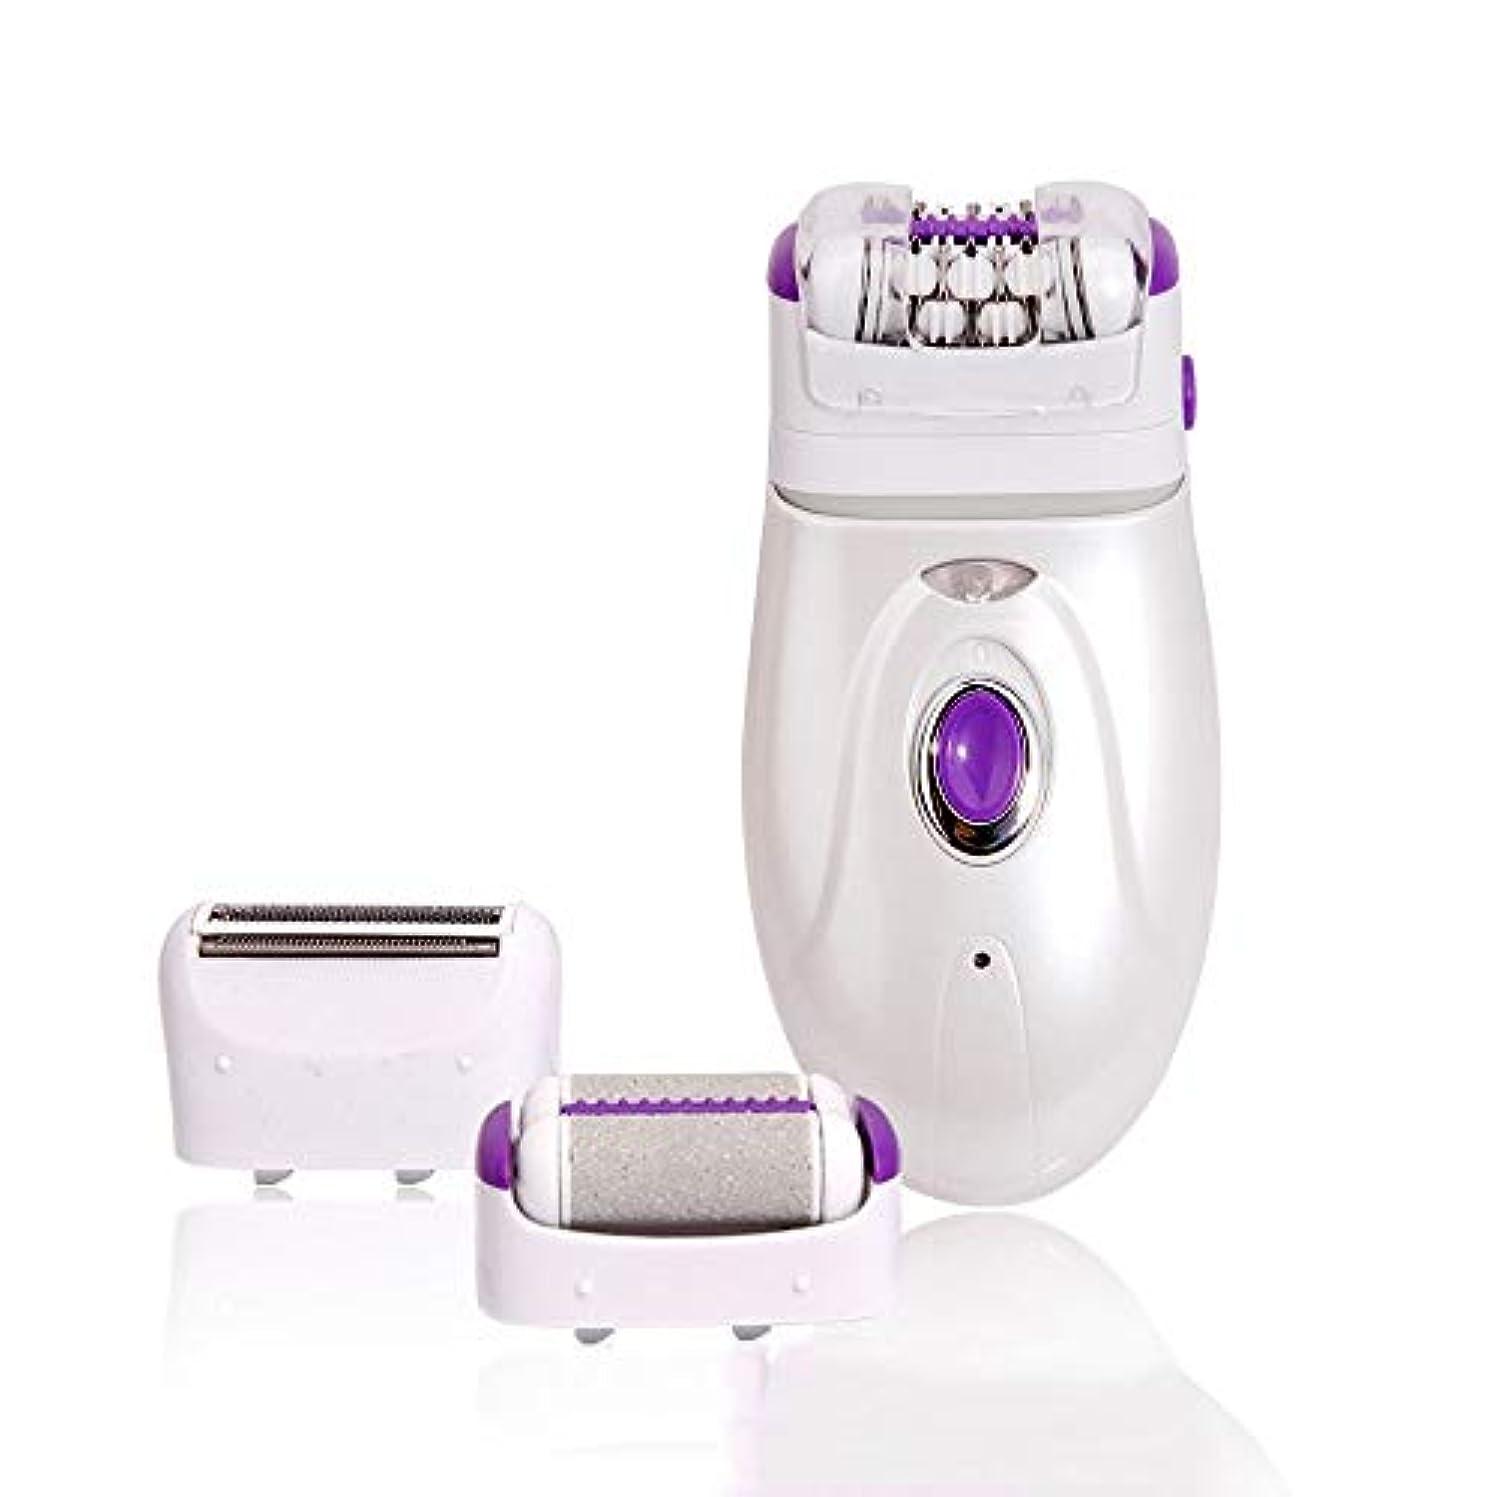 ルートドラムファイル女性用電気かみそり、女性用充電式脱毛器3 in 1多機能研磨足は、足と体から余分な髪を取り除きます (Color : Purple)